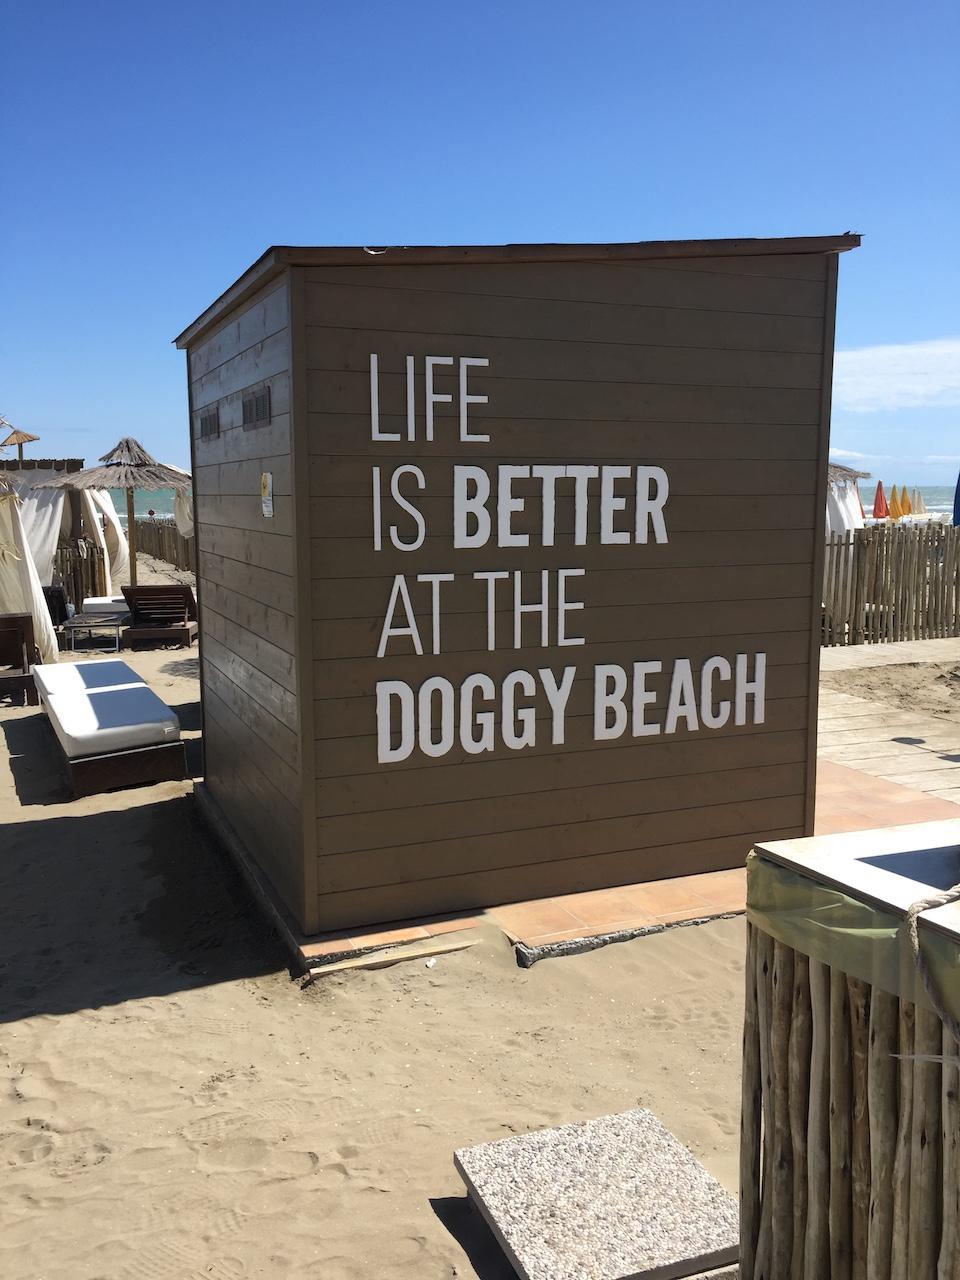 Doggy beach in Lignano – mein Tipp für einen  Hundeurlaub am Strand!